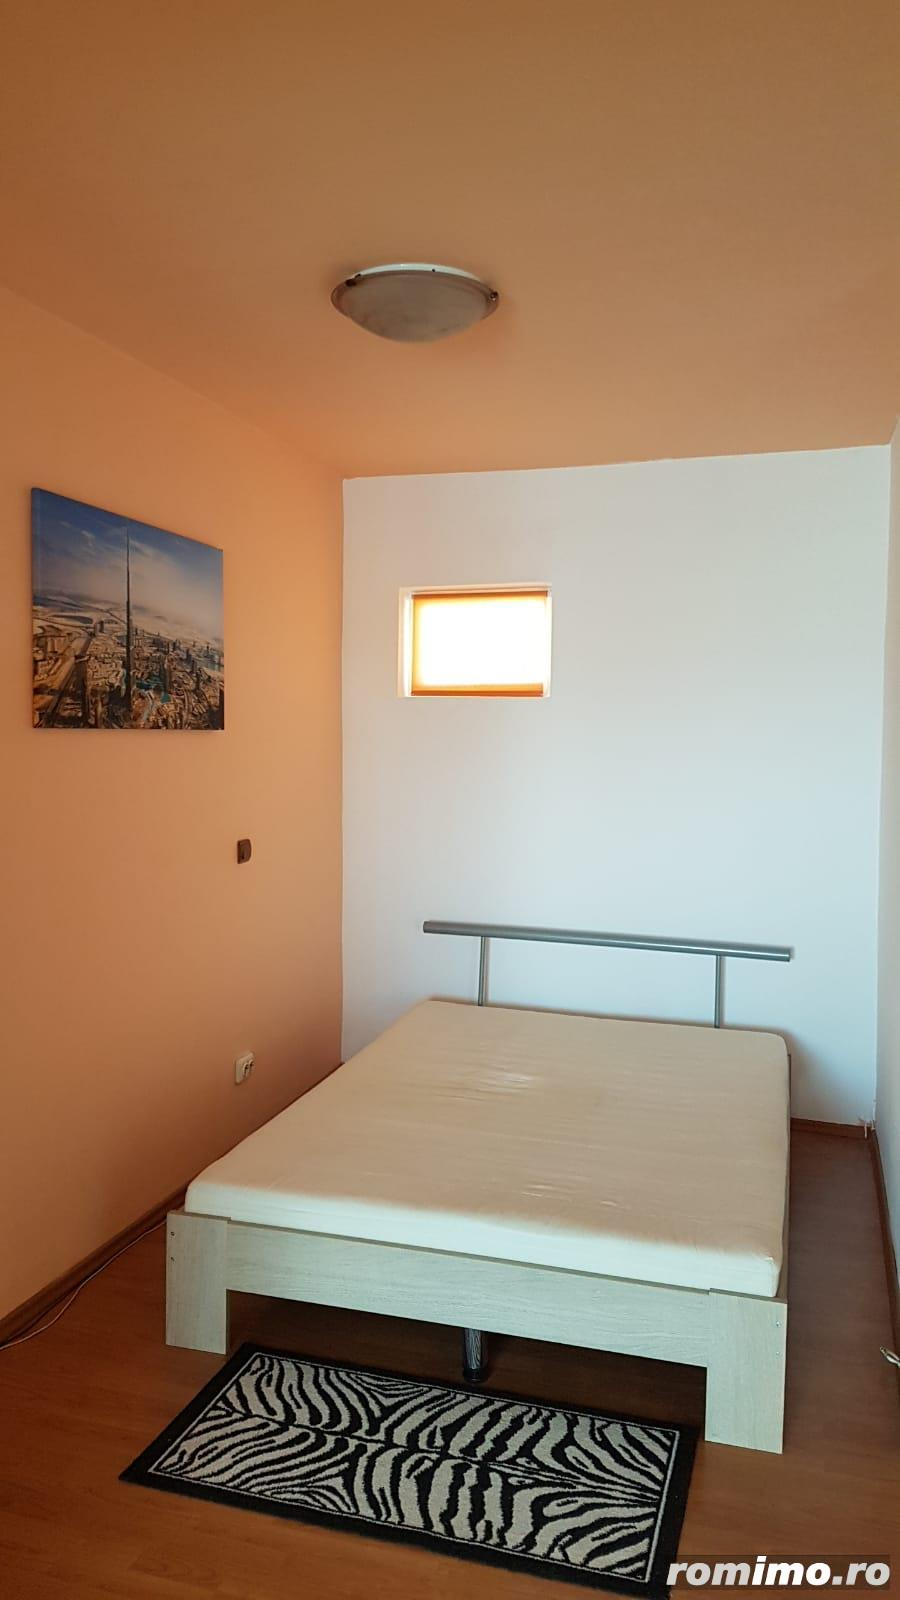 Apartament pe rebreanu cu 2 camere